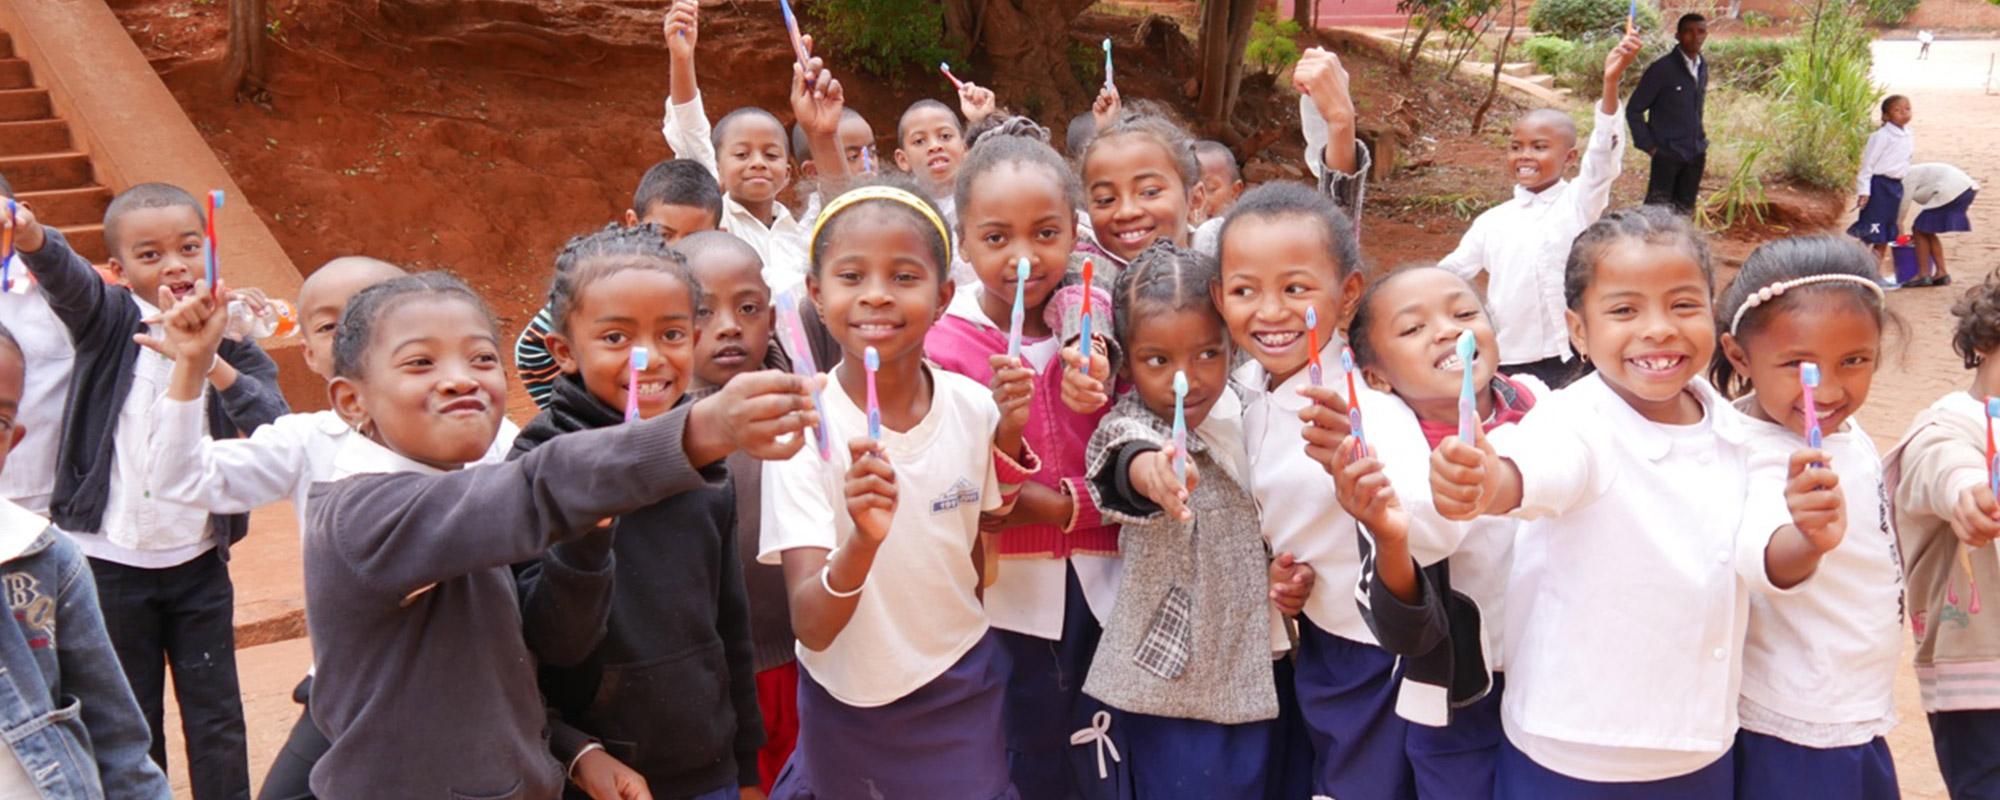 Hilfsprojekt Madagaskar